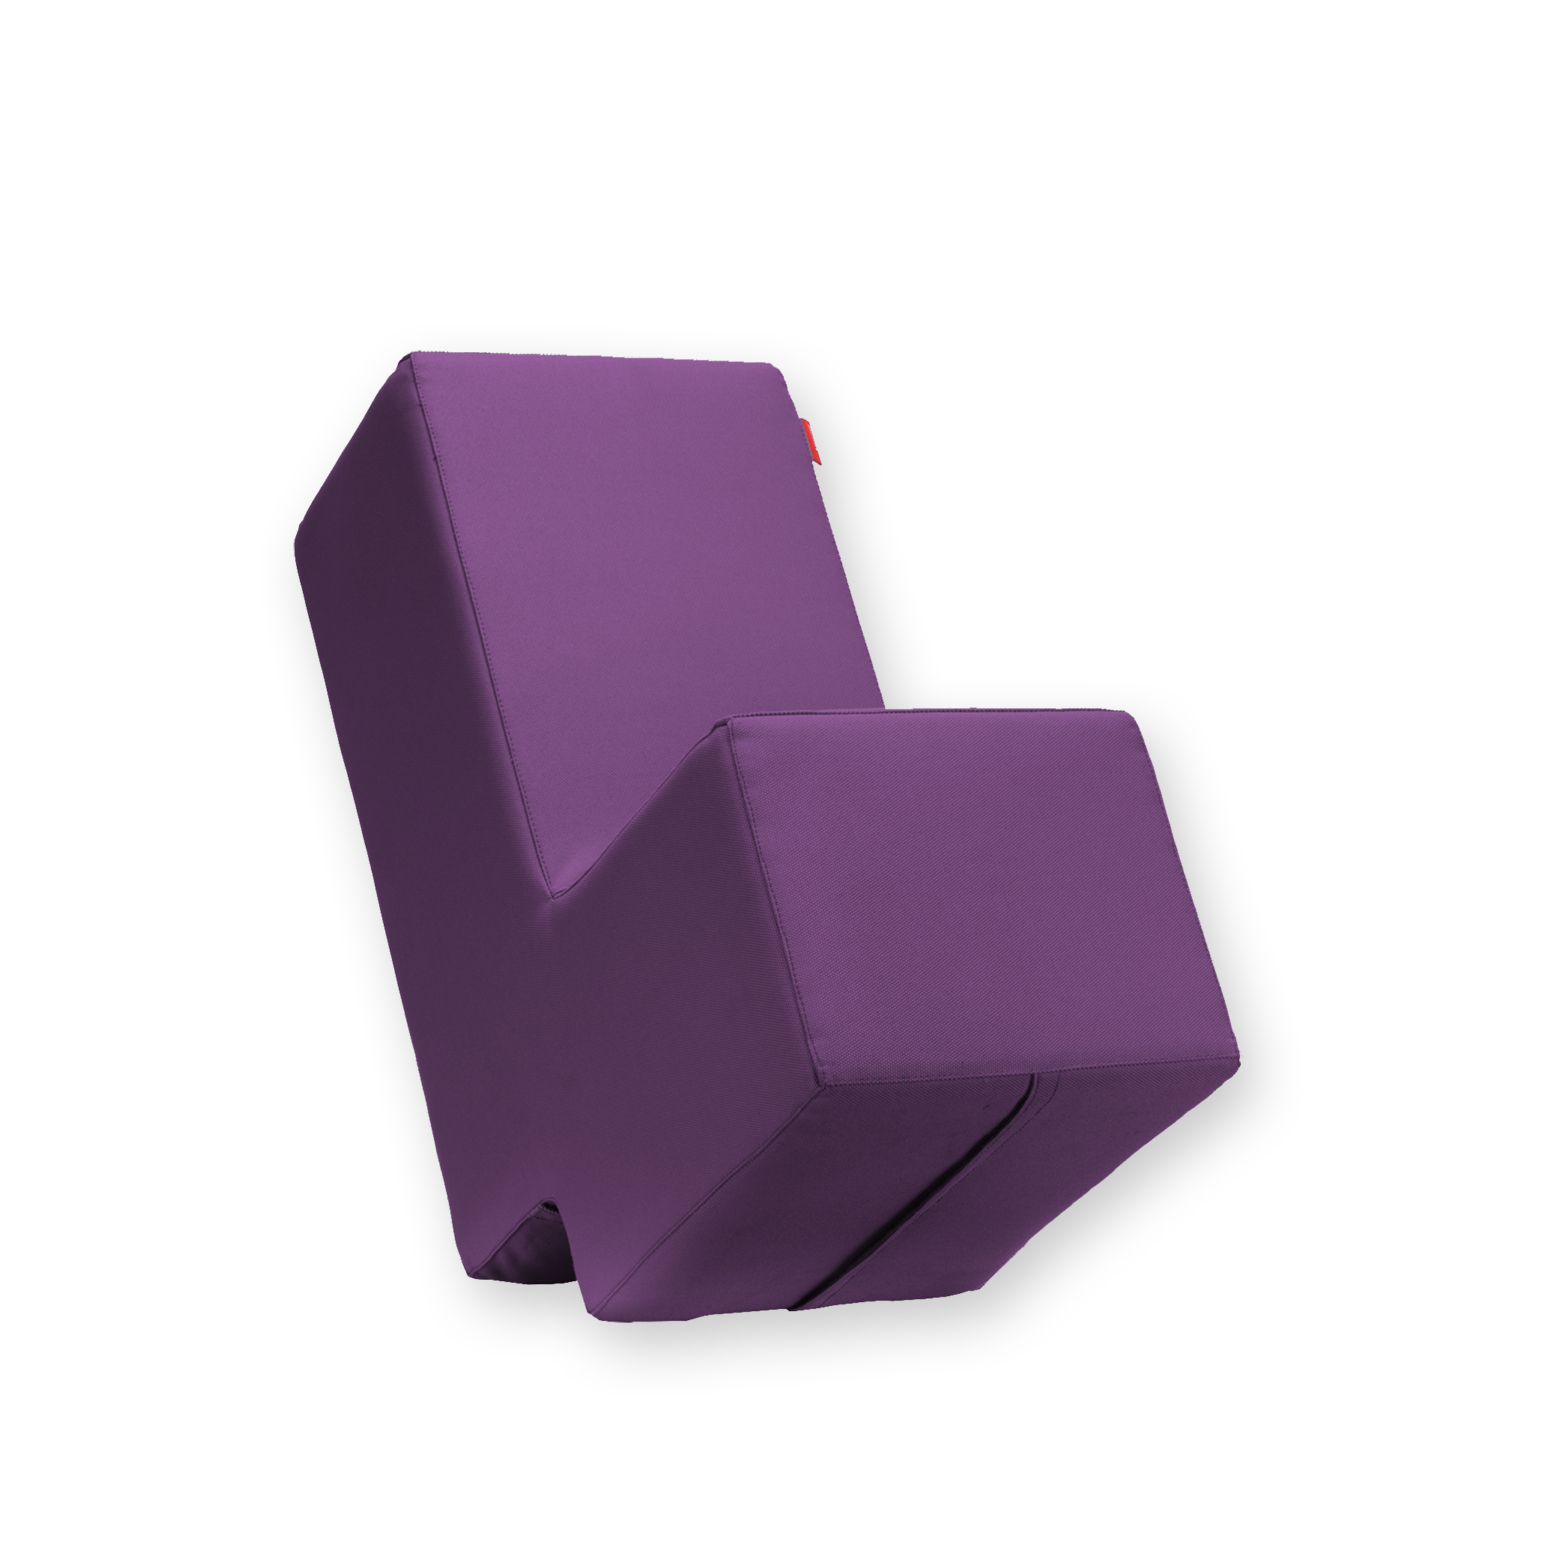 Violett, klein